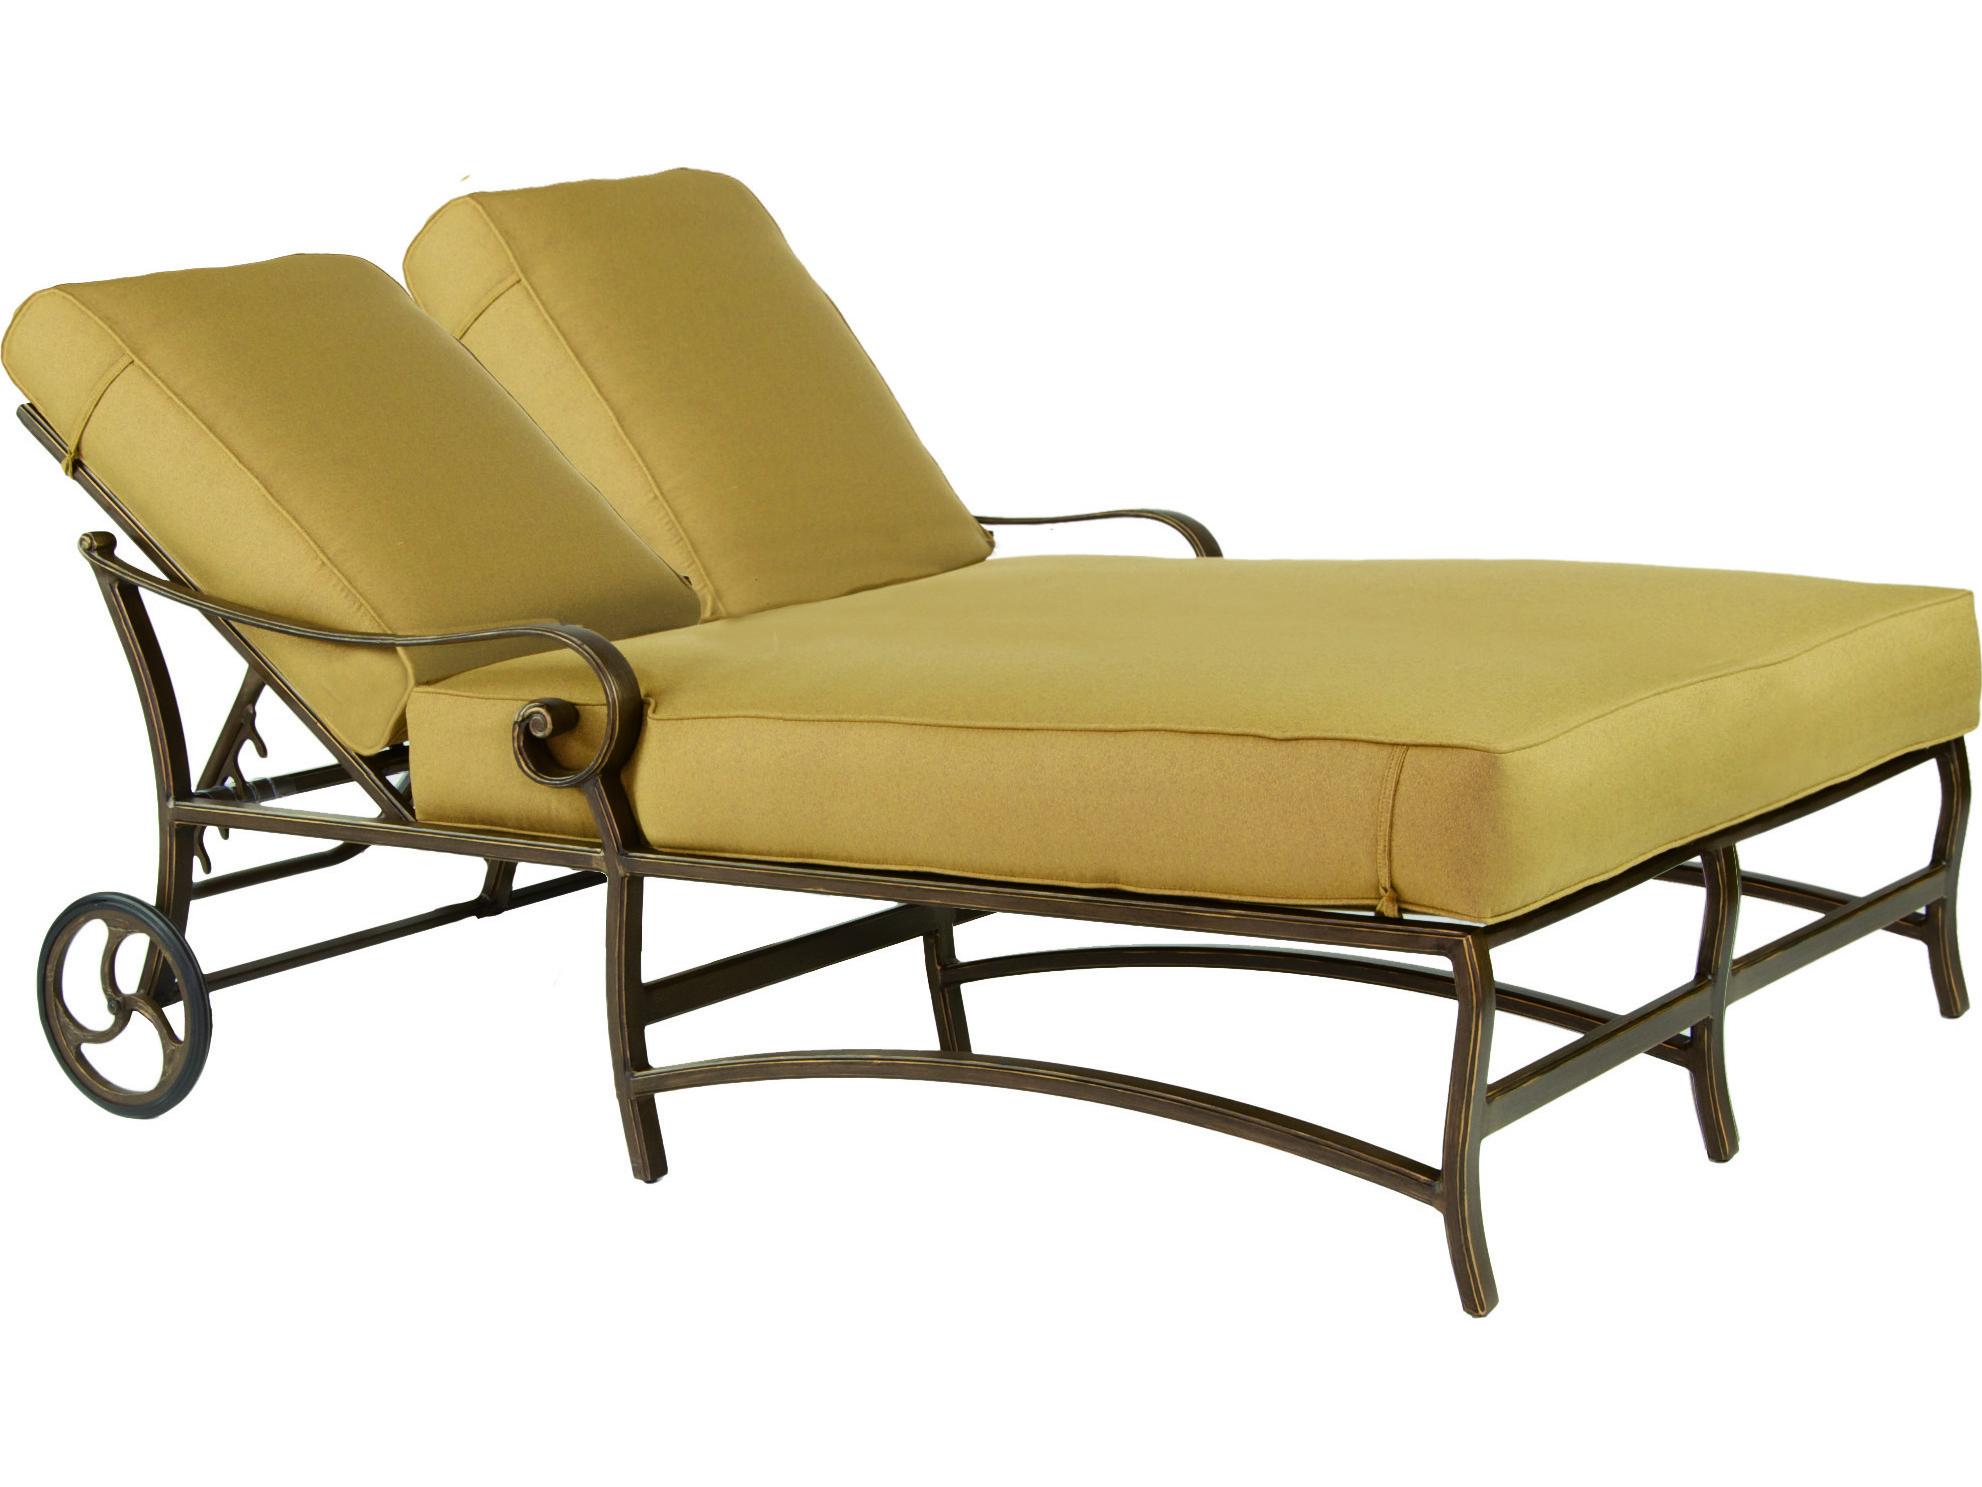 Castelle veracruz cushion cast aluminum adjustable double for Cast aluminum chaise lounge with wheels